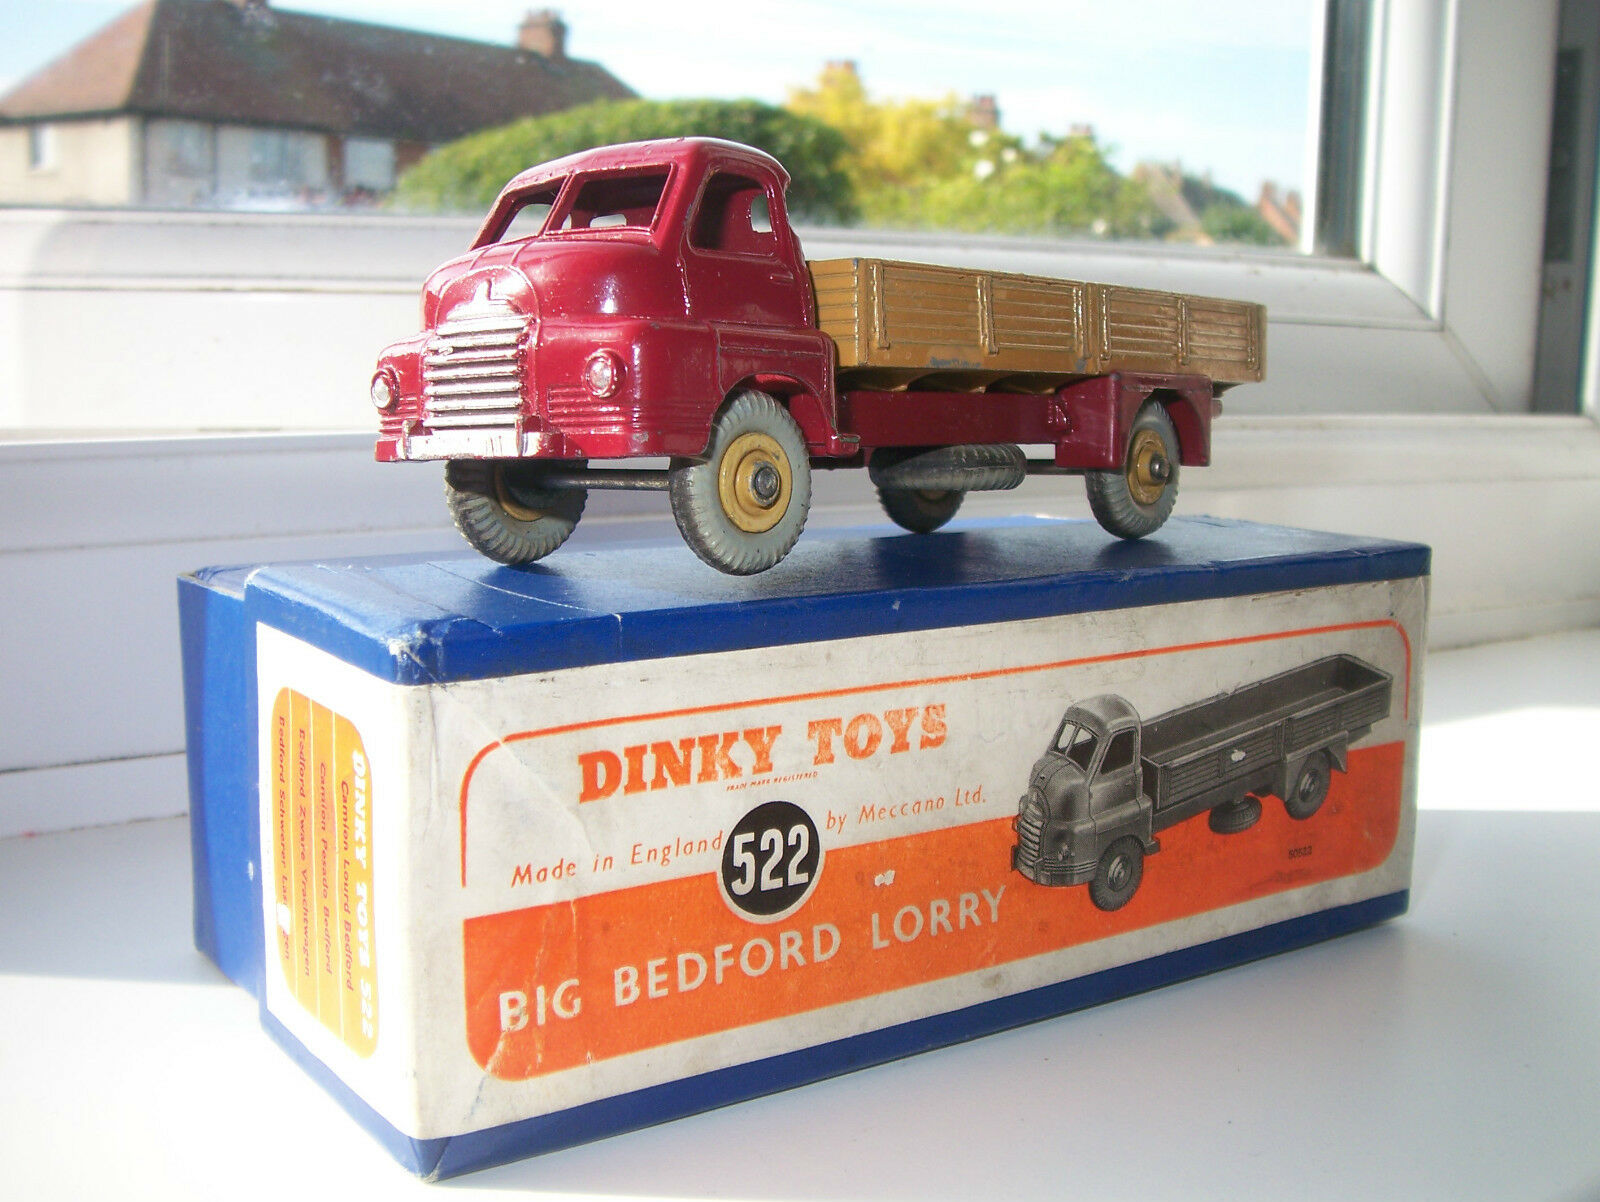 AUTHENTISKA prydlig leksaker No 522 STOR BESDORD LORRY -låda